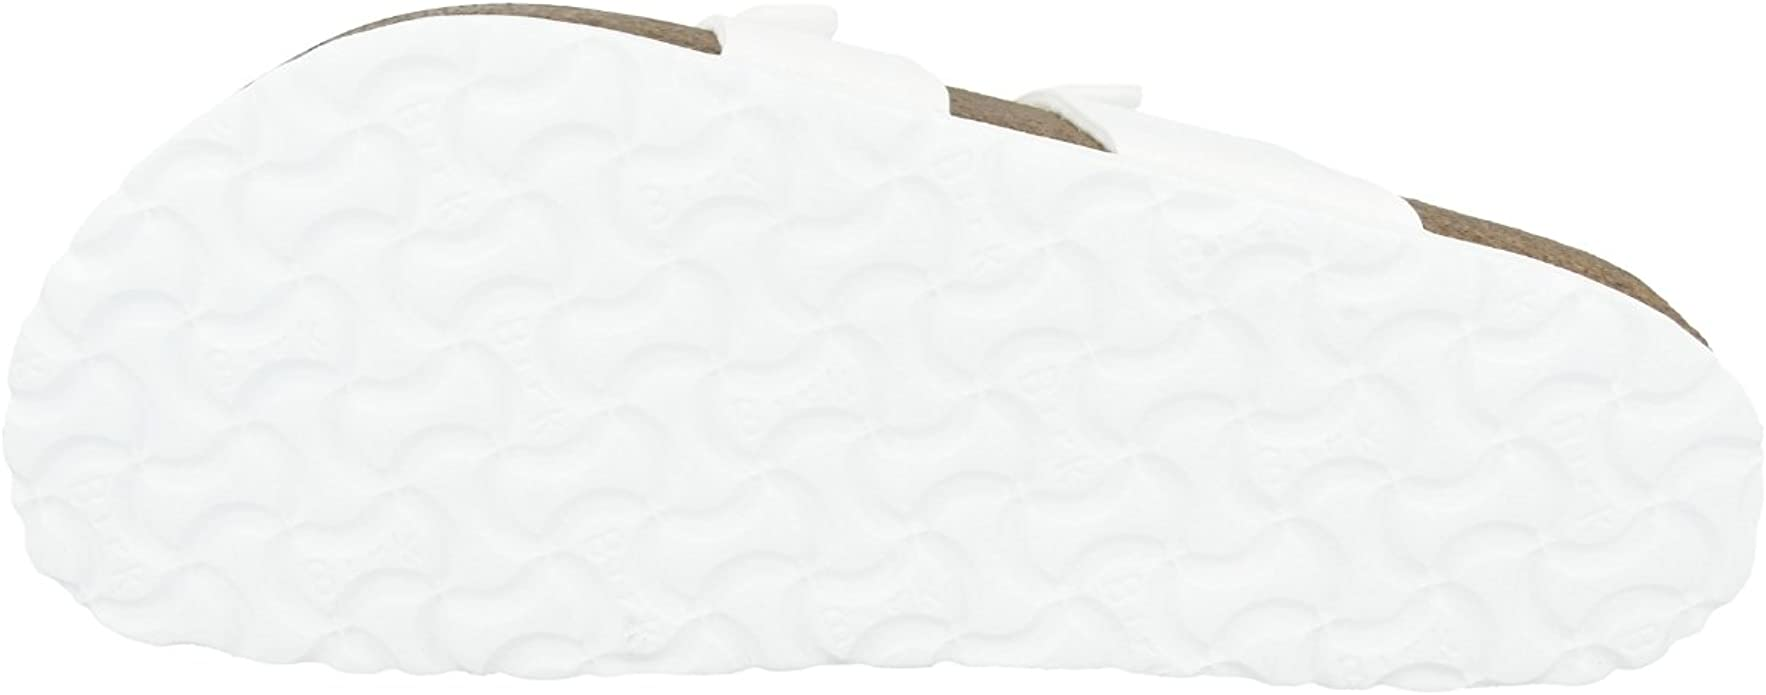 Birkenstock Sandale Mayari Birko Flor Schmal White (071053